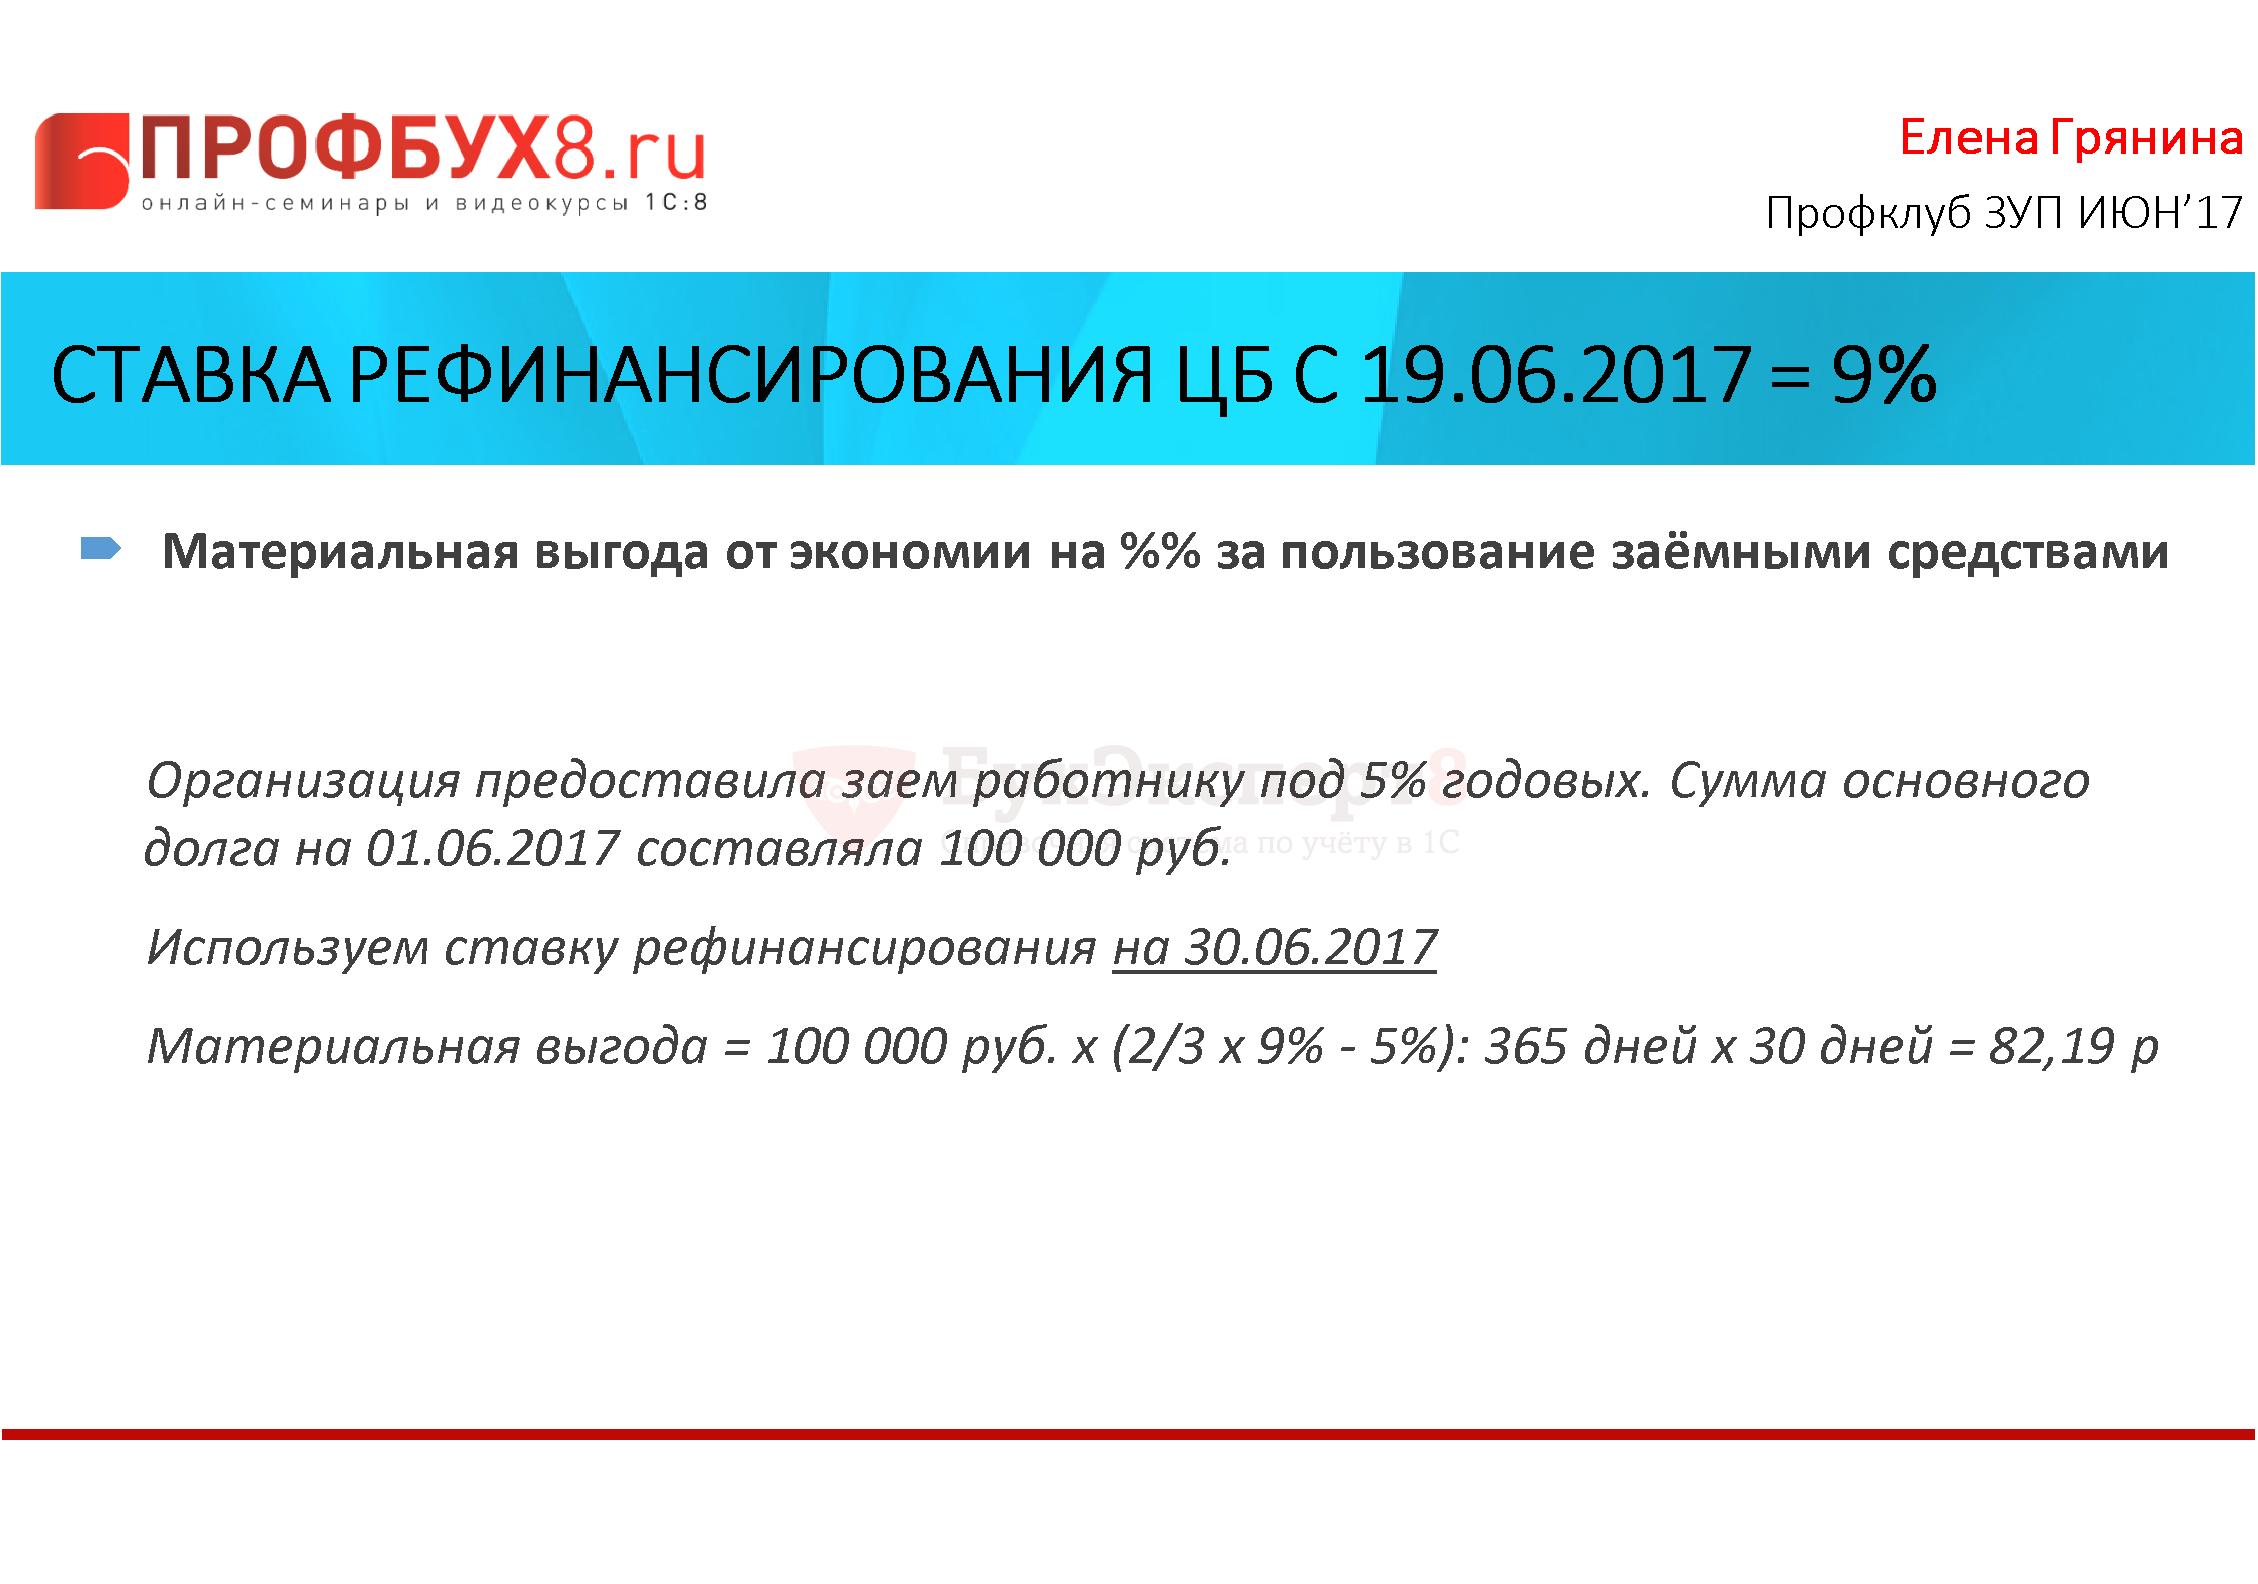 Ставка рефинансирования ЦБ с 19.06.2017 = 9% Материальная выгода от экономии на %% за пользование заёмными средствами Организация предоставила заем работнику под 5% годовых. Сумма основного долга на 01.06.2017 составляла 100 000 руб. Используем ставку рефинансирования на 30.06.2017 Материальная выгода = 100 000 руб. х (2/3 х 9% - 5%): 365 дней х 30 дней = 82,19 руб.